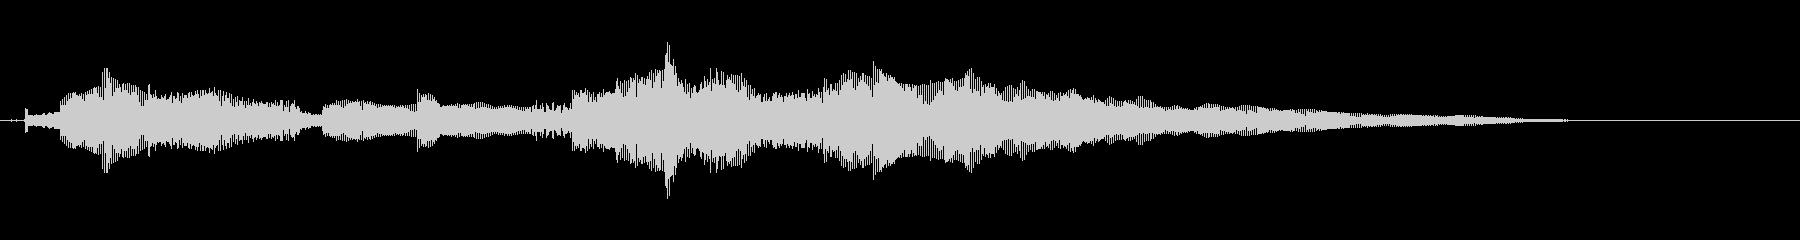 クリアーなギターのサウンドロゴの未再生の波形